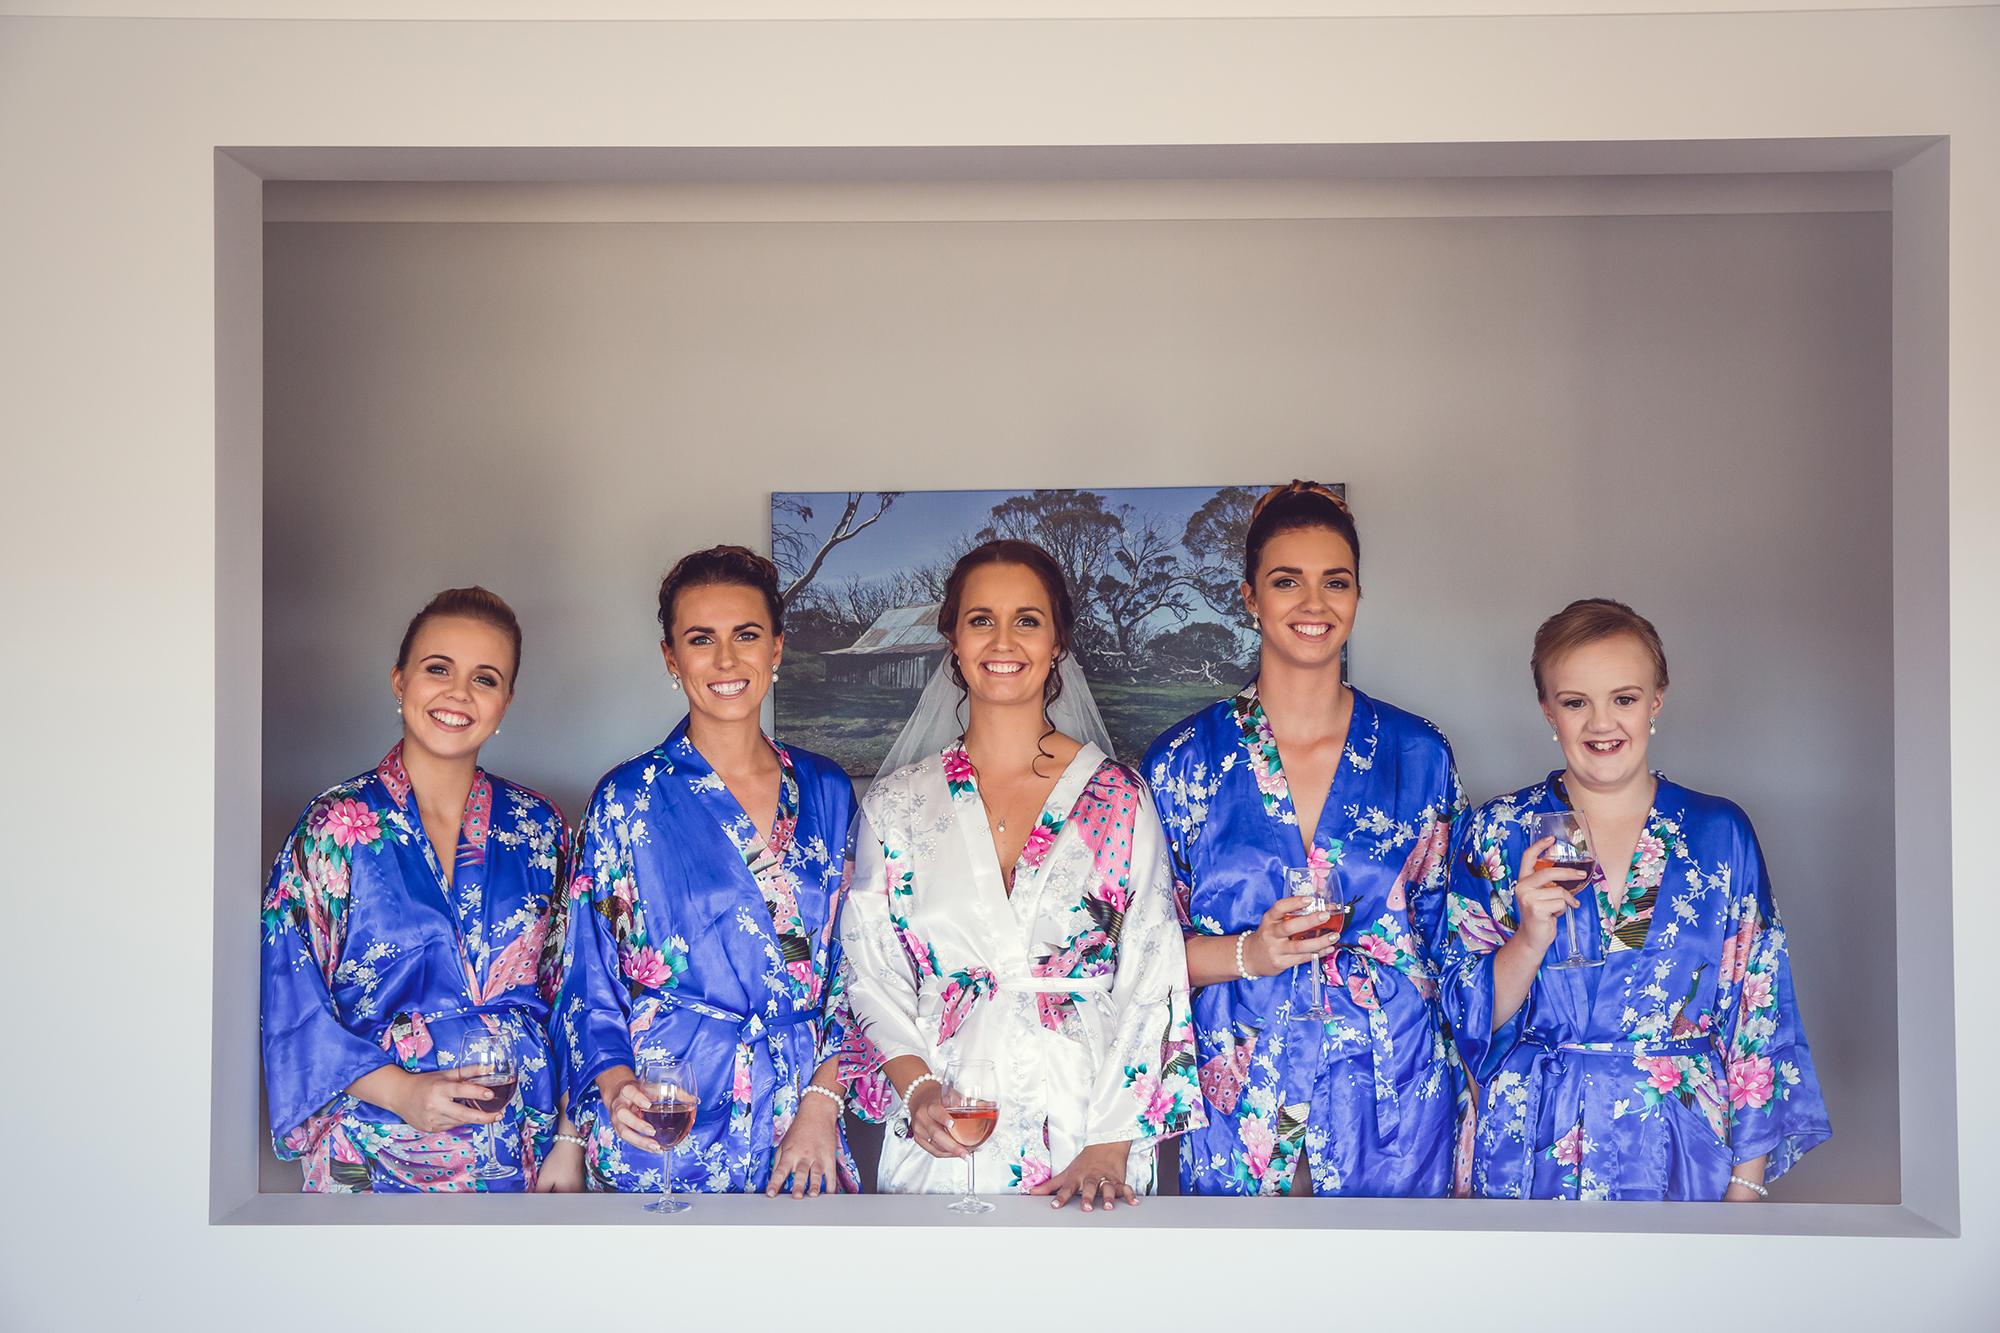 Royal Blue Floral Bridesmaid Robes